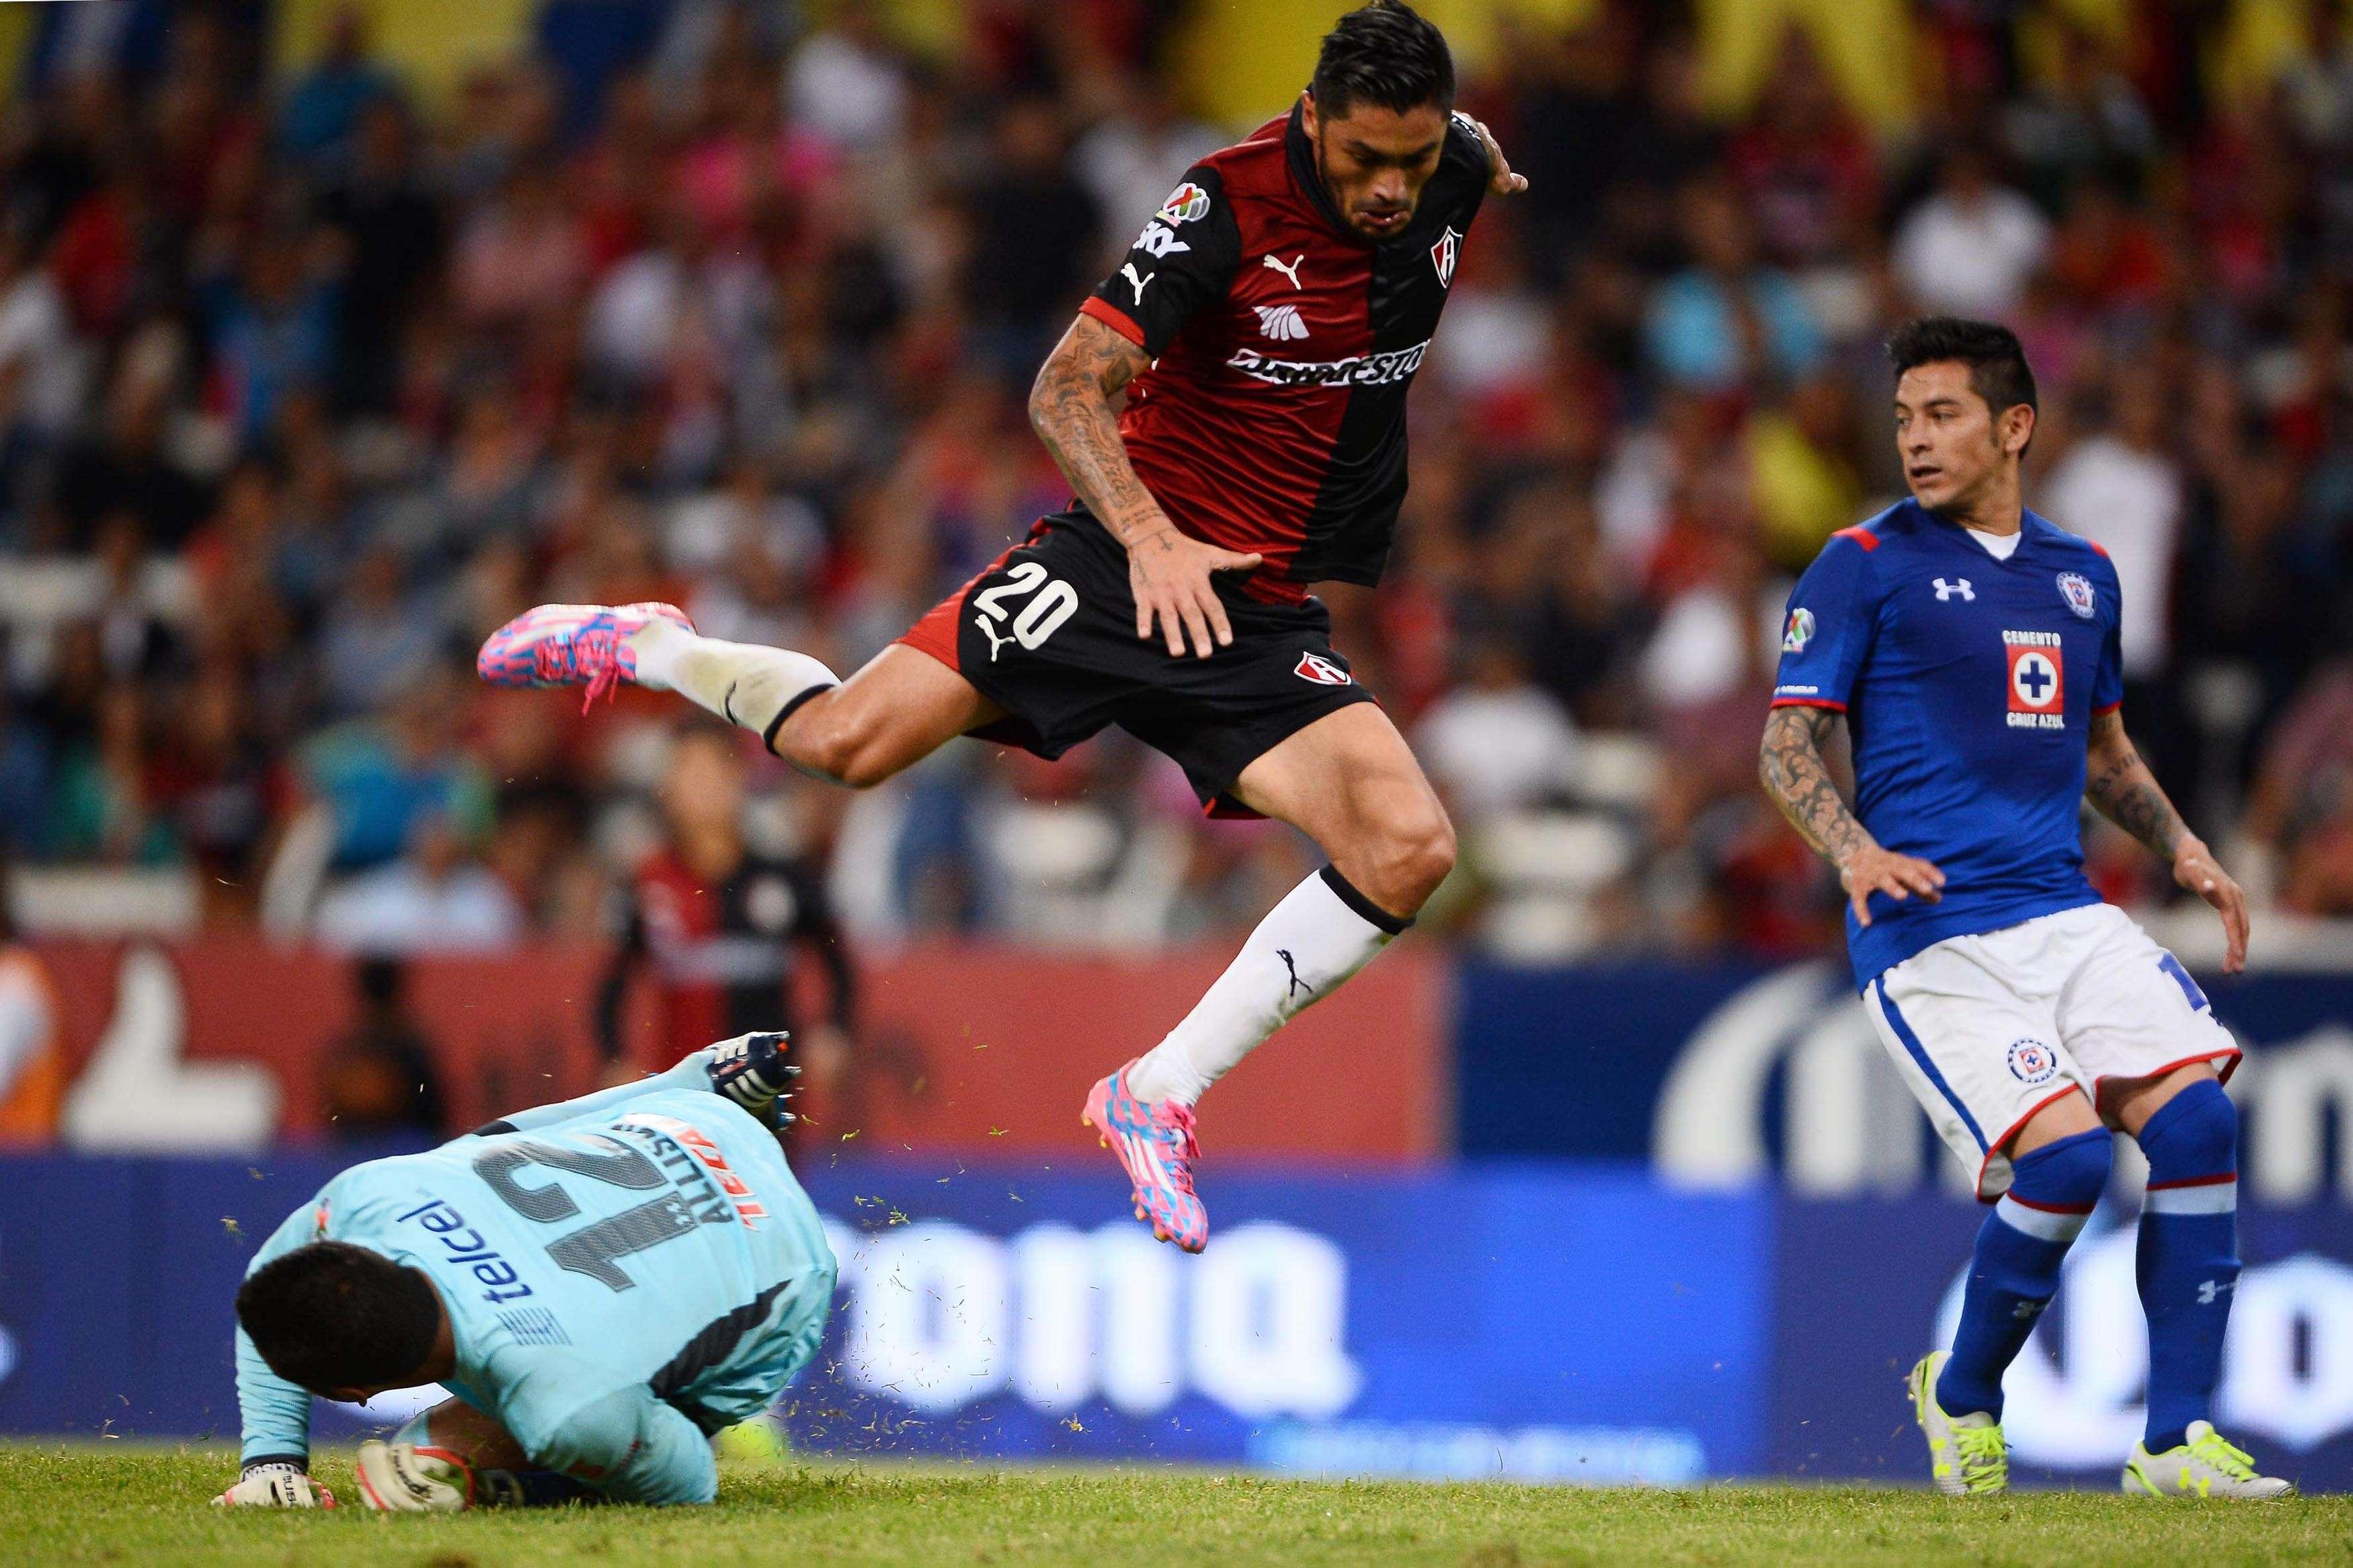 Con goles de Poncho González y Rodrigo Millar, Atlas derrotó 2-1 a Cruz Azul y regresó a la senda del triunfo en duelo celebrado en el estadio Jalisco, correspondiente a la jornada 9 del torneo Apertura 2014. Foto: Mexsport